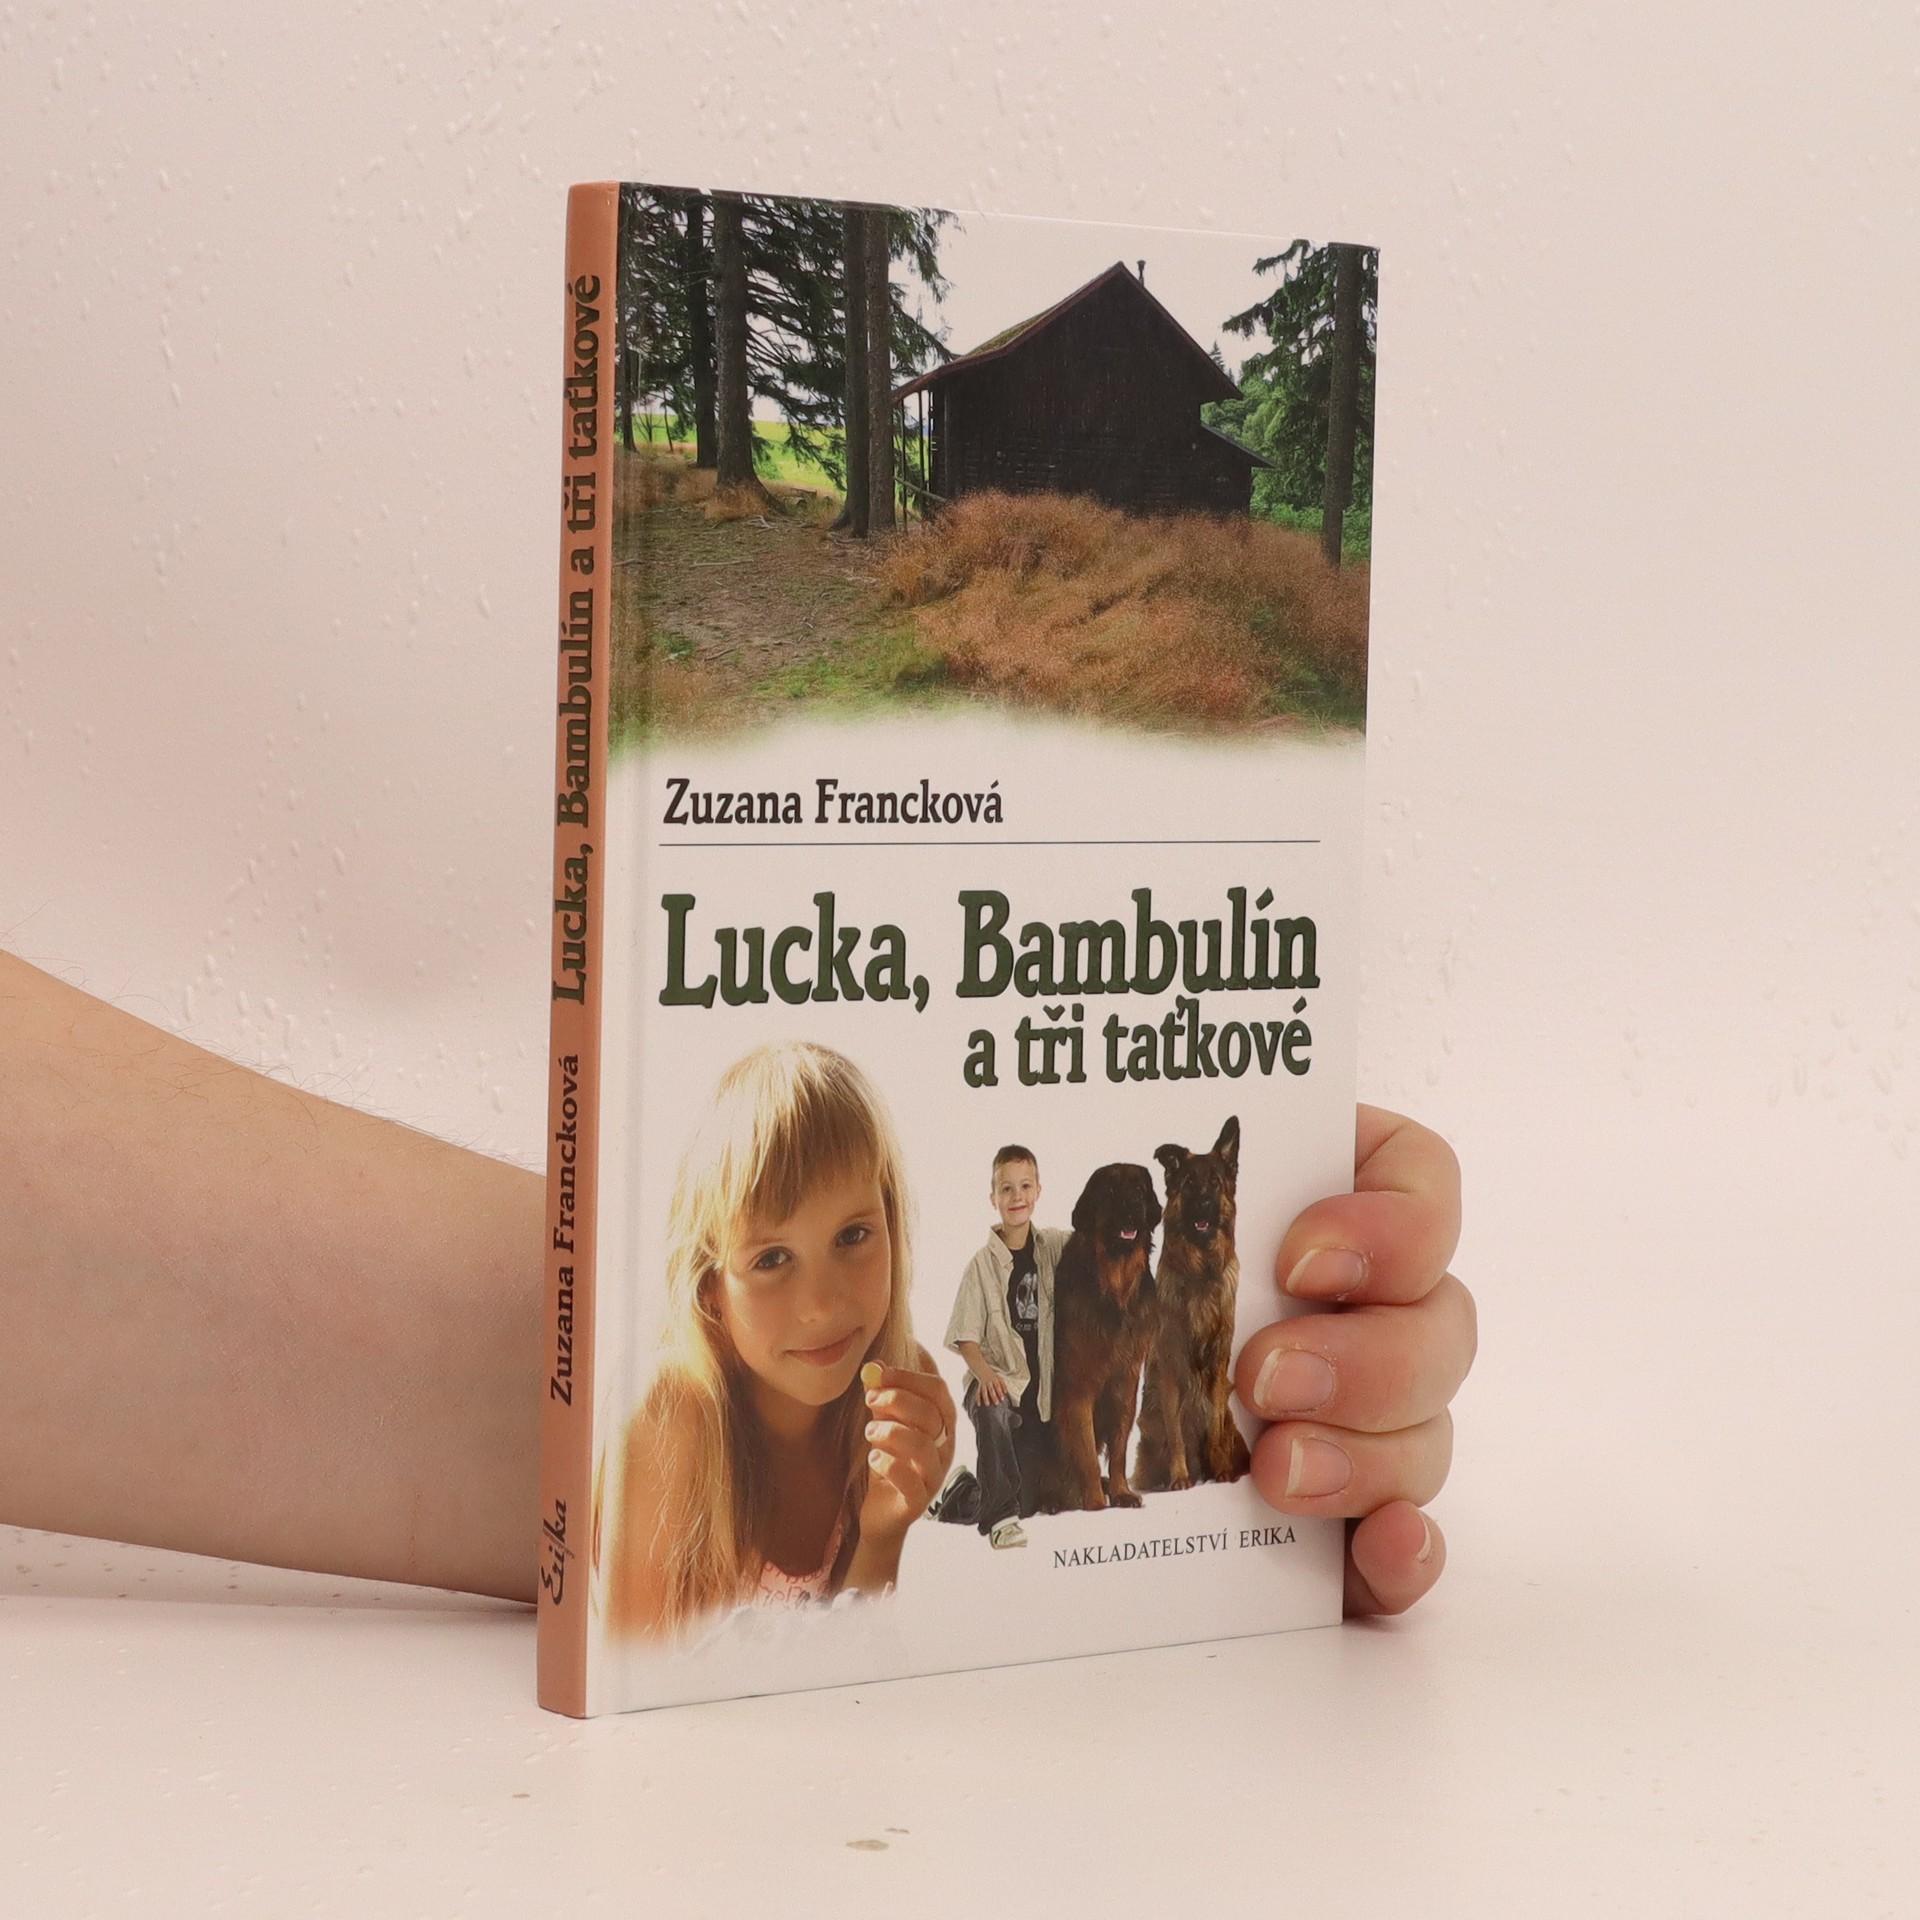 antikvární kniha Lucka, Bambulín a tři taťkové, 2009